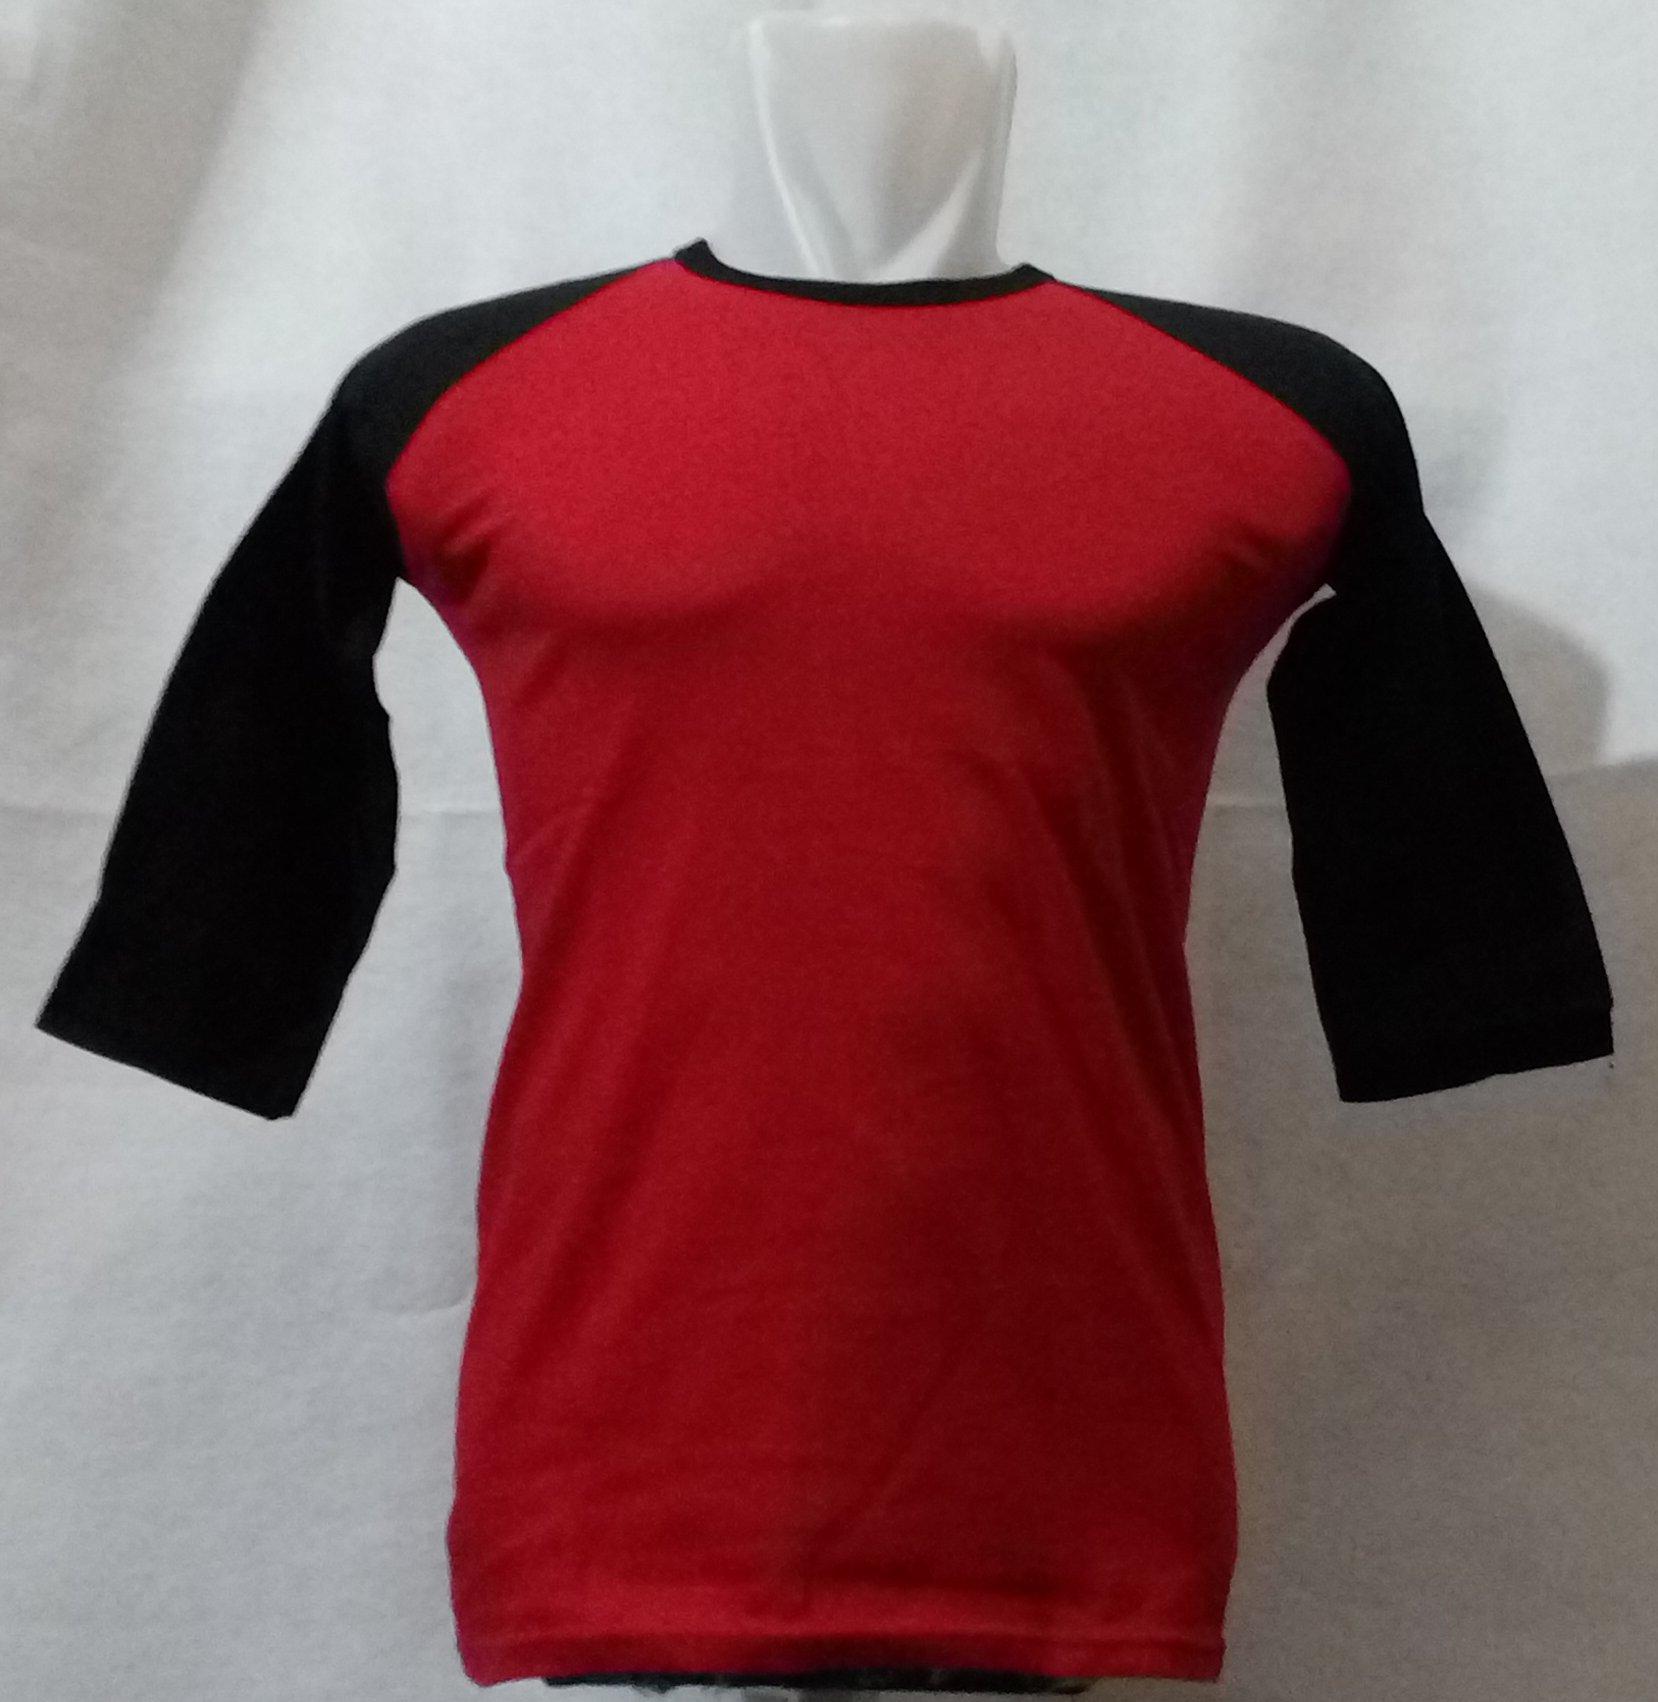 Jual Kaos Polos Raglan Warna Lengan 3 4 Cotton Combed 20s Ukuran M Size Wahyushop1945 Tokopedia